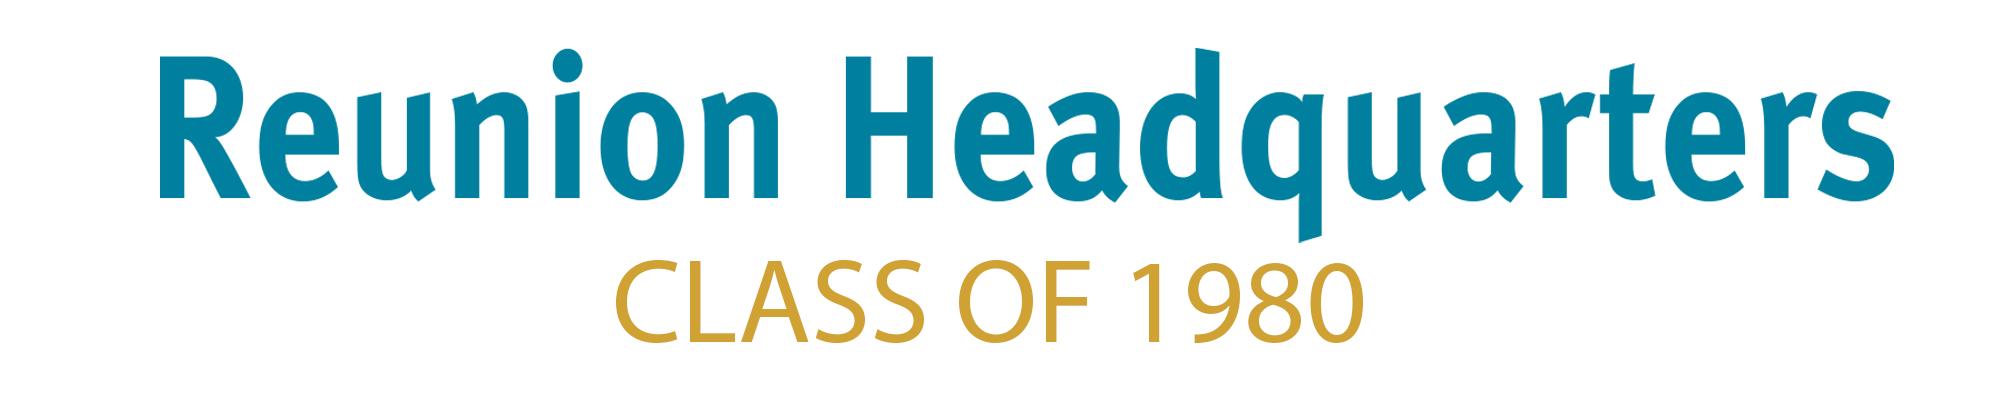 Class of 1980 Header